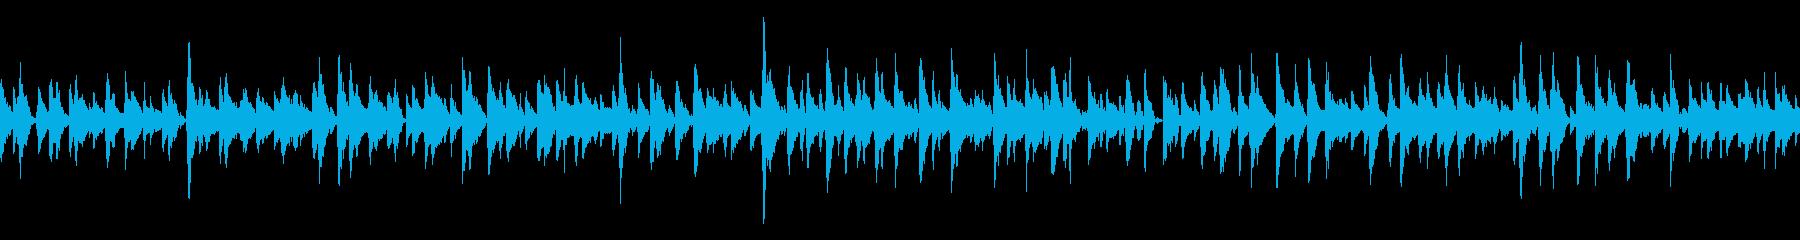 ペット映像に可愛い系BGM (ループ)の再生済みの波形